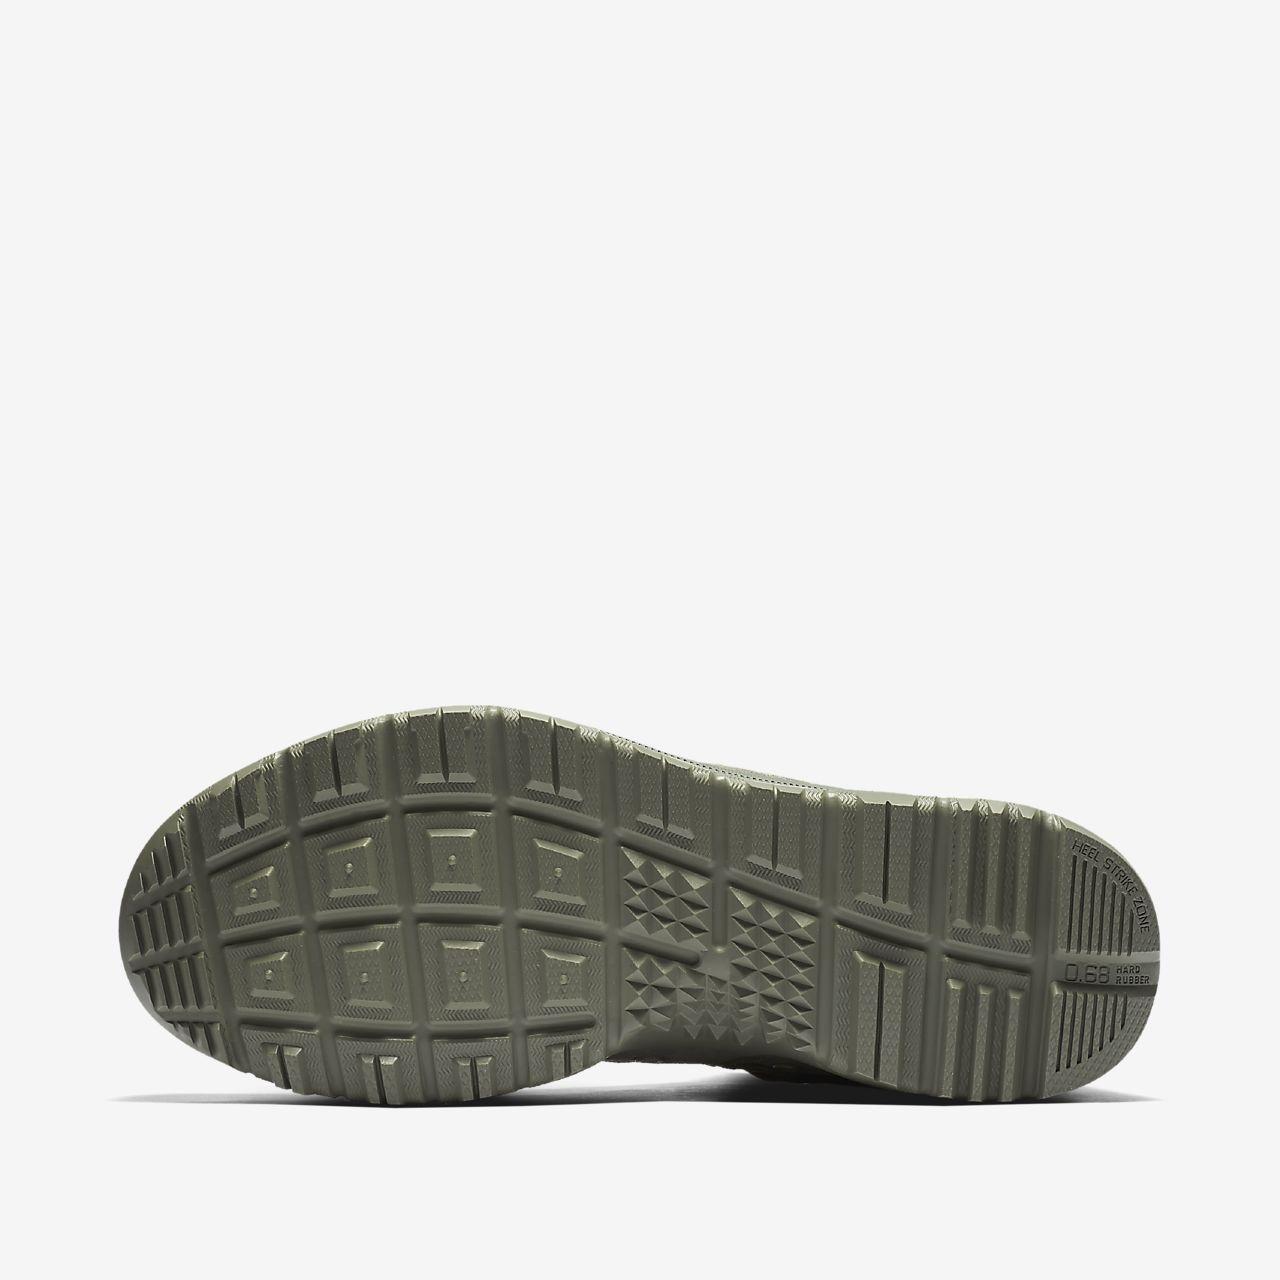 Jual Sepatu Nike Air Max 2015 Kw Rubber Shose  e2137d4534